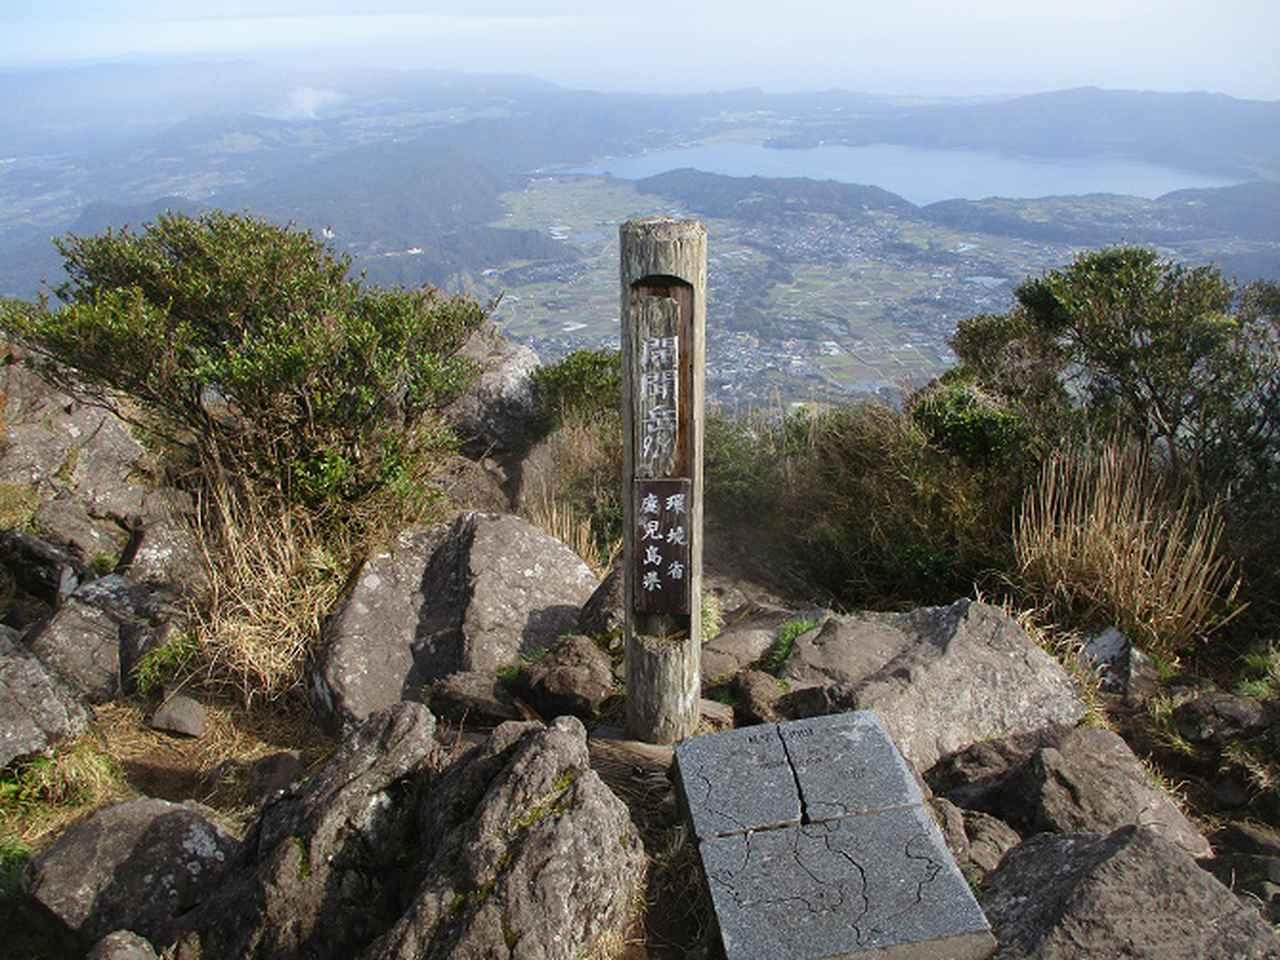 画像9: 来年春の企画素材を探して鹿児島県の 開聞岳 に行ってきました!